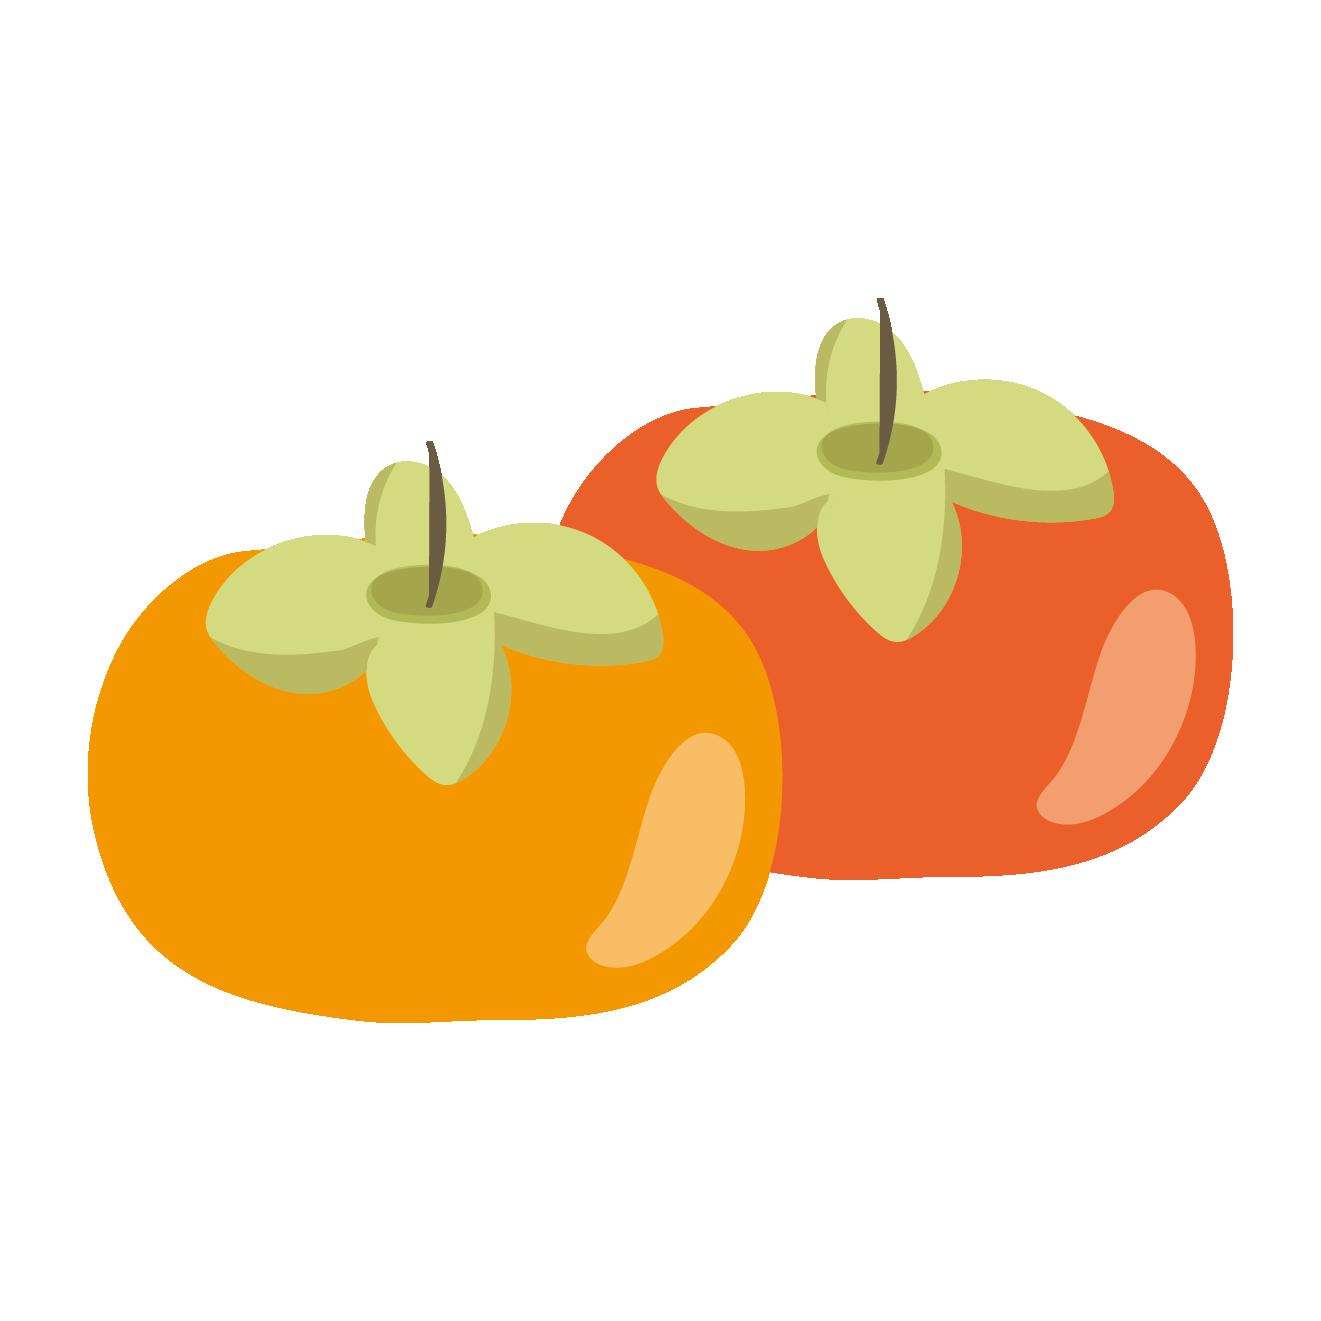 まんまる柿かきのイラスト秋のフルーツ 商用フリー無料の